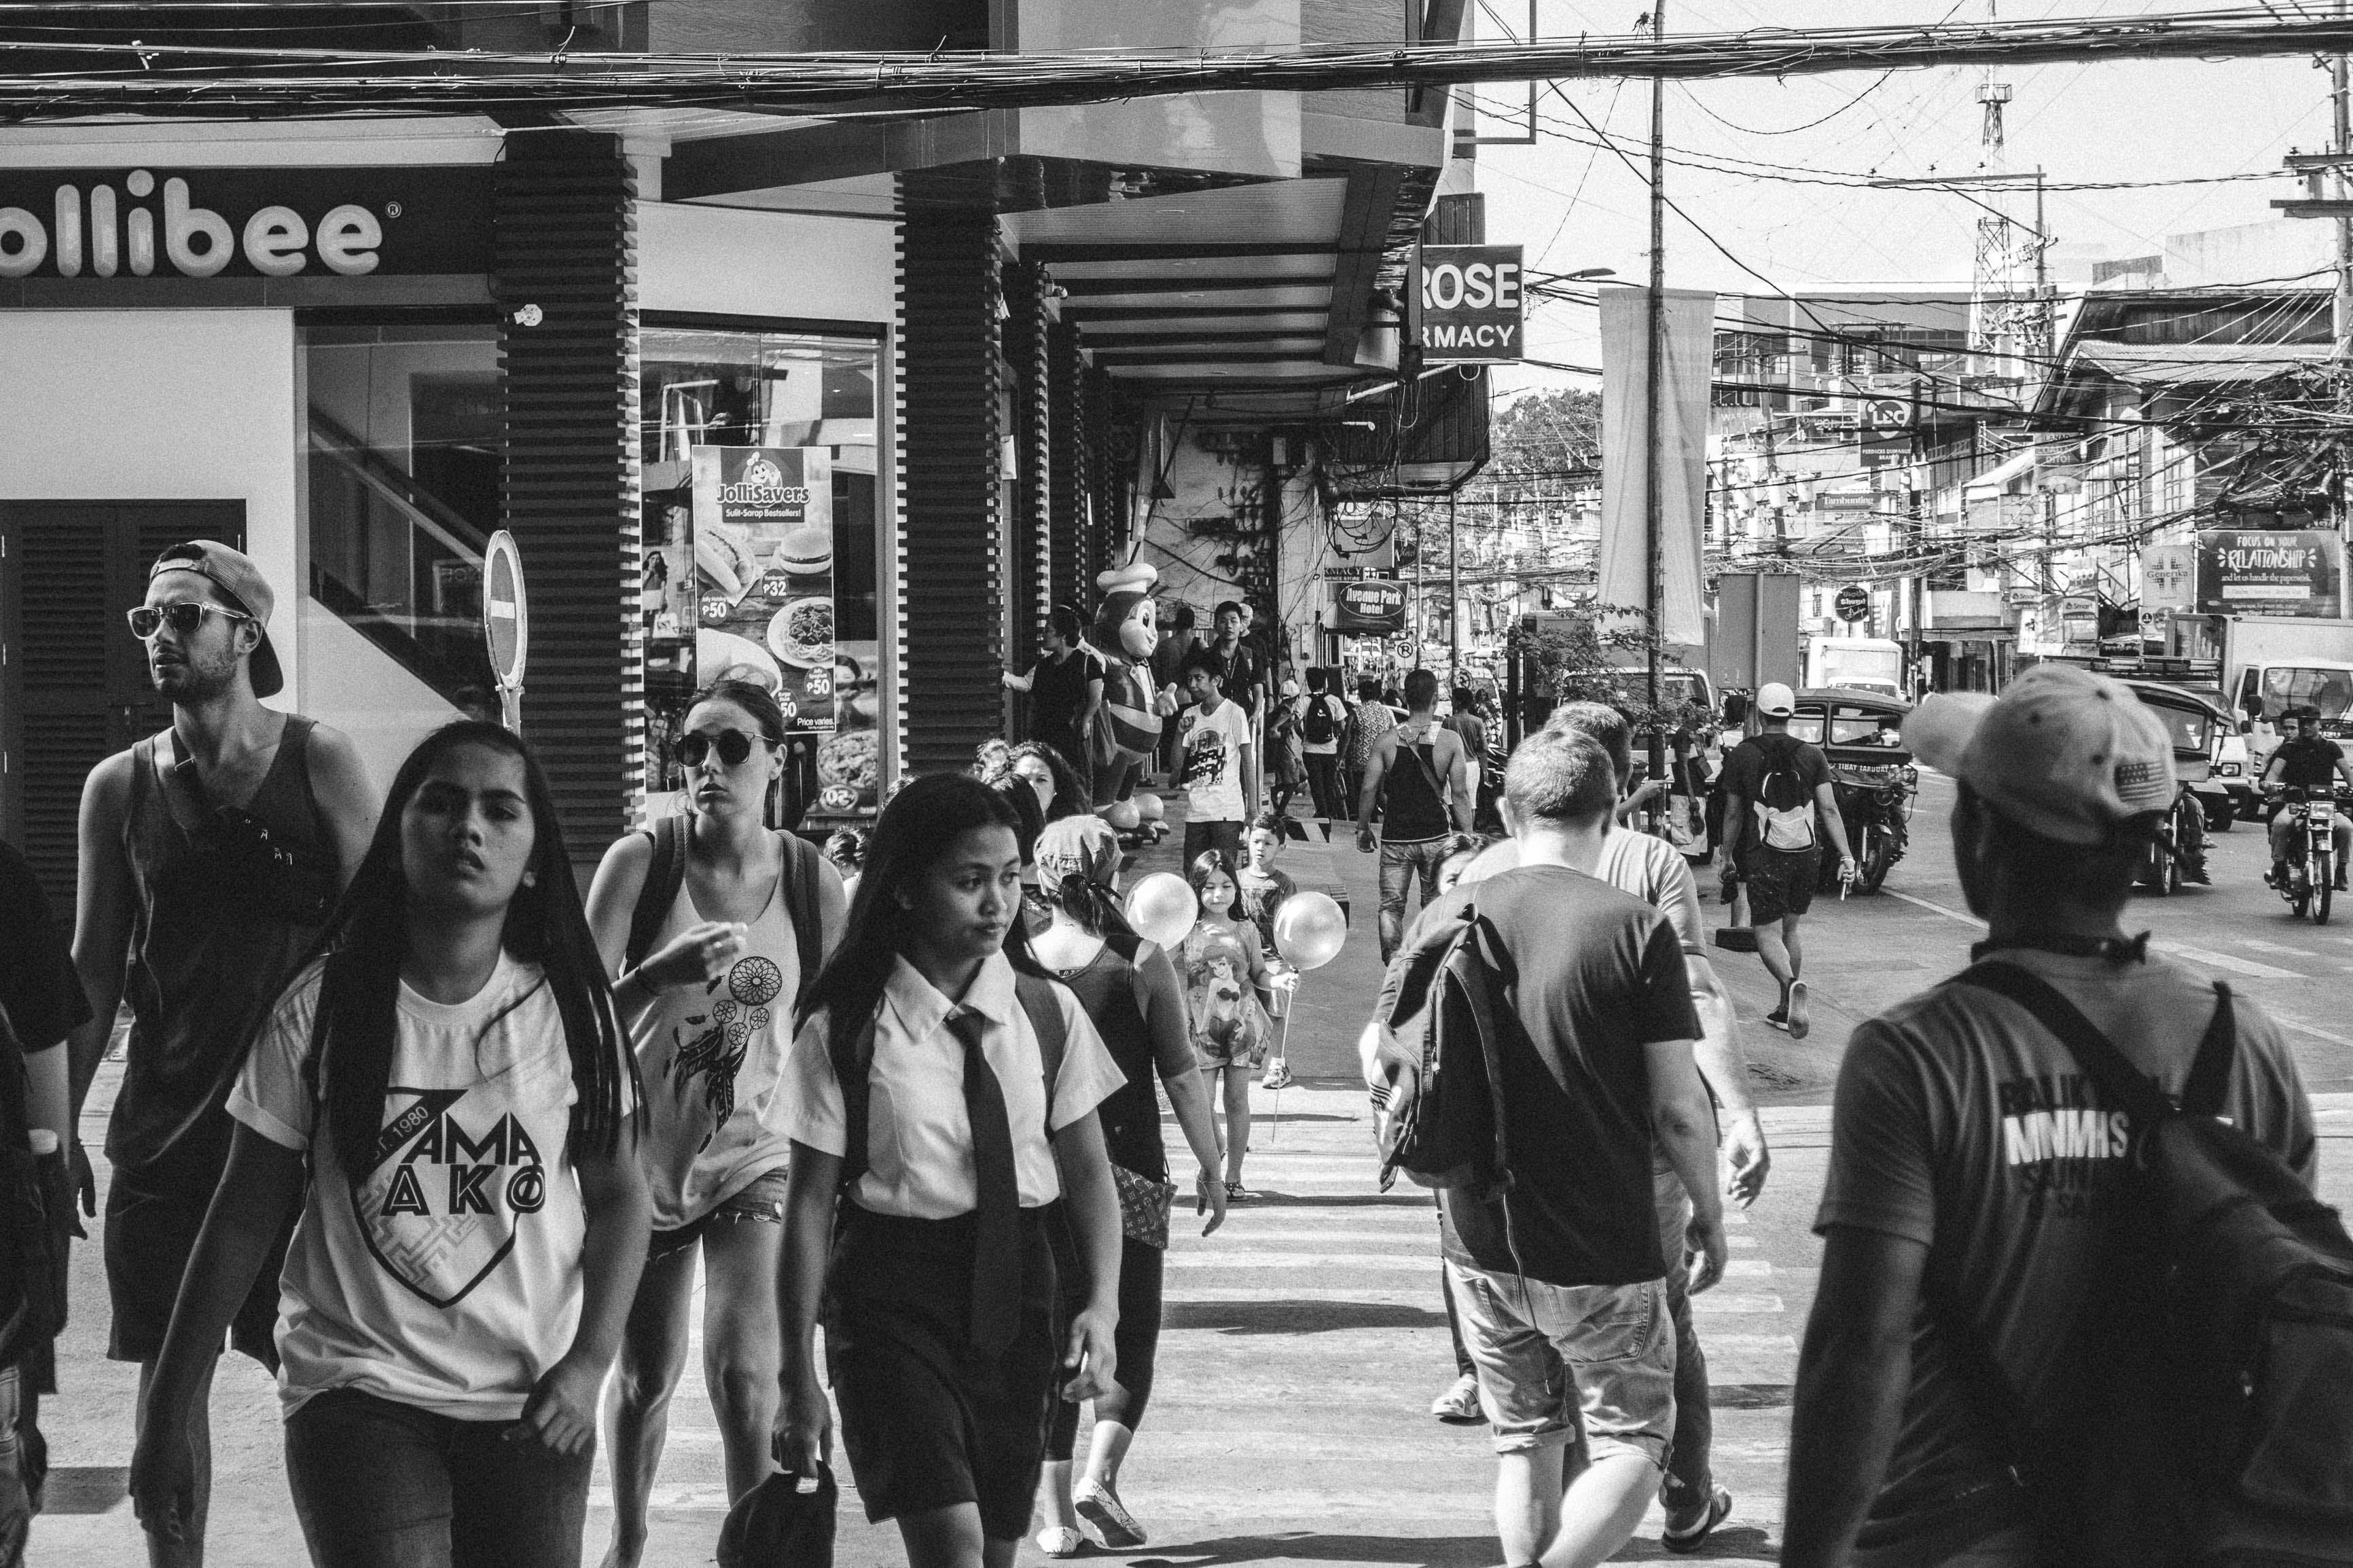 Δωρεάν στοκ φωτογραφιών με Άνθρωποι, ασιάτες, ασπρόμαυρο, αστικός